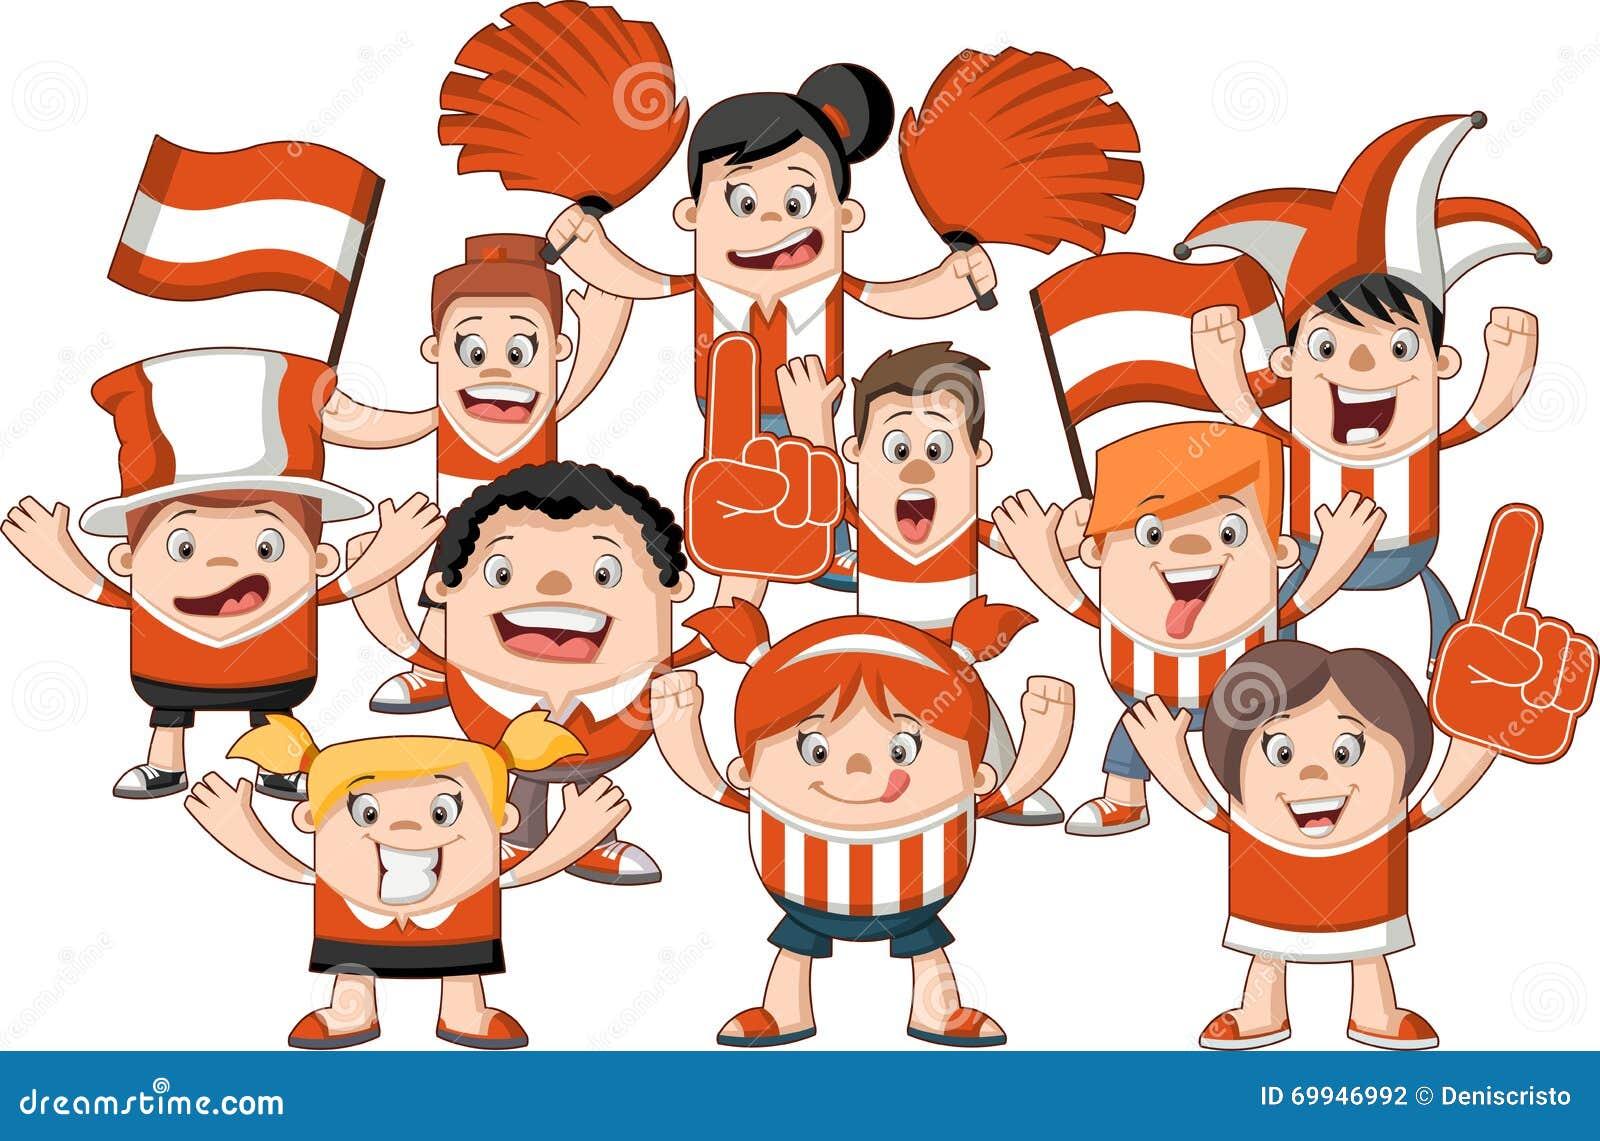 Cheering Fans Cartoon : Group of cartoon sport fans stock vector illustration